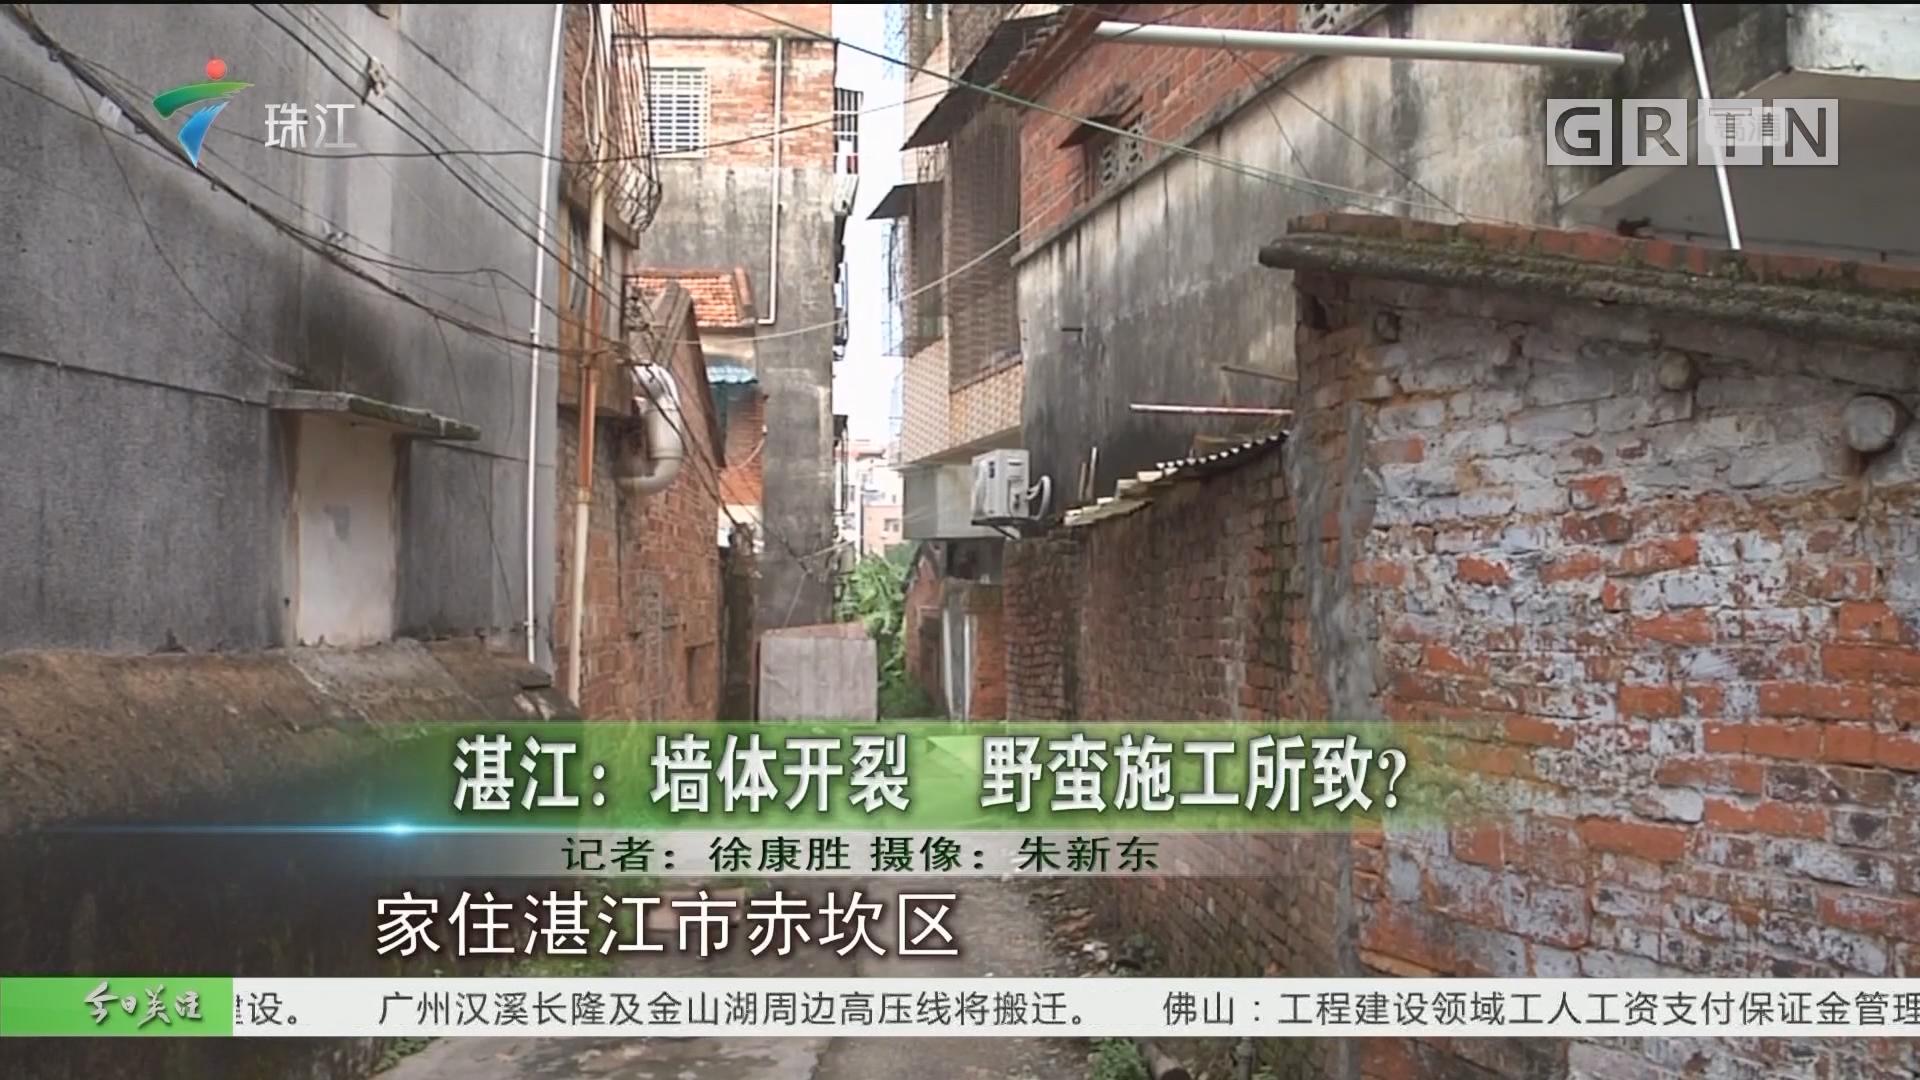 湛江:墙体开裂 野蛮施工所致?